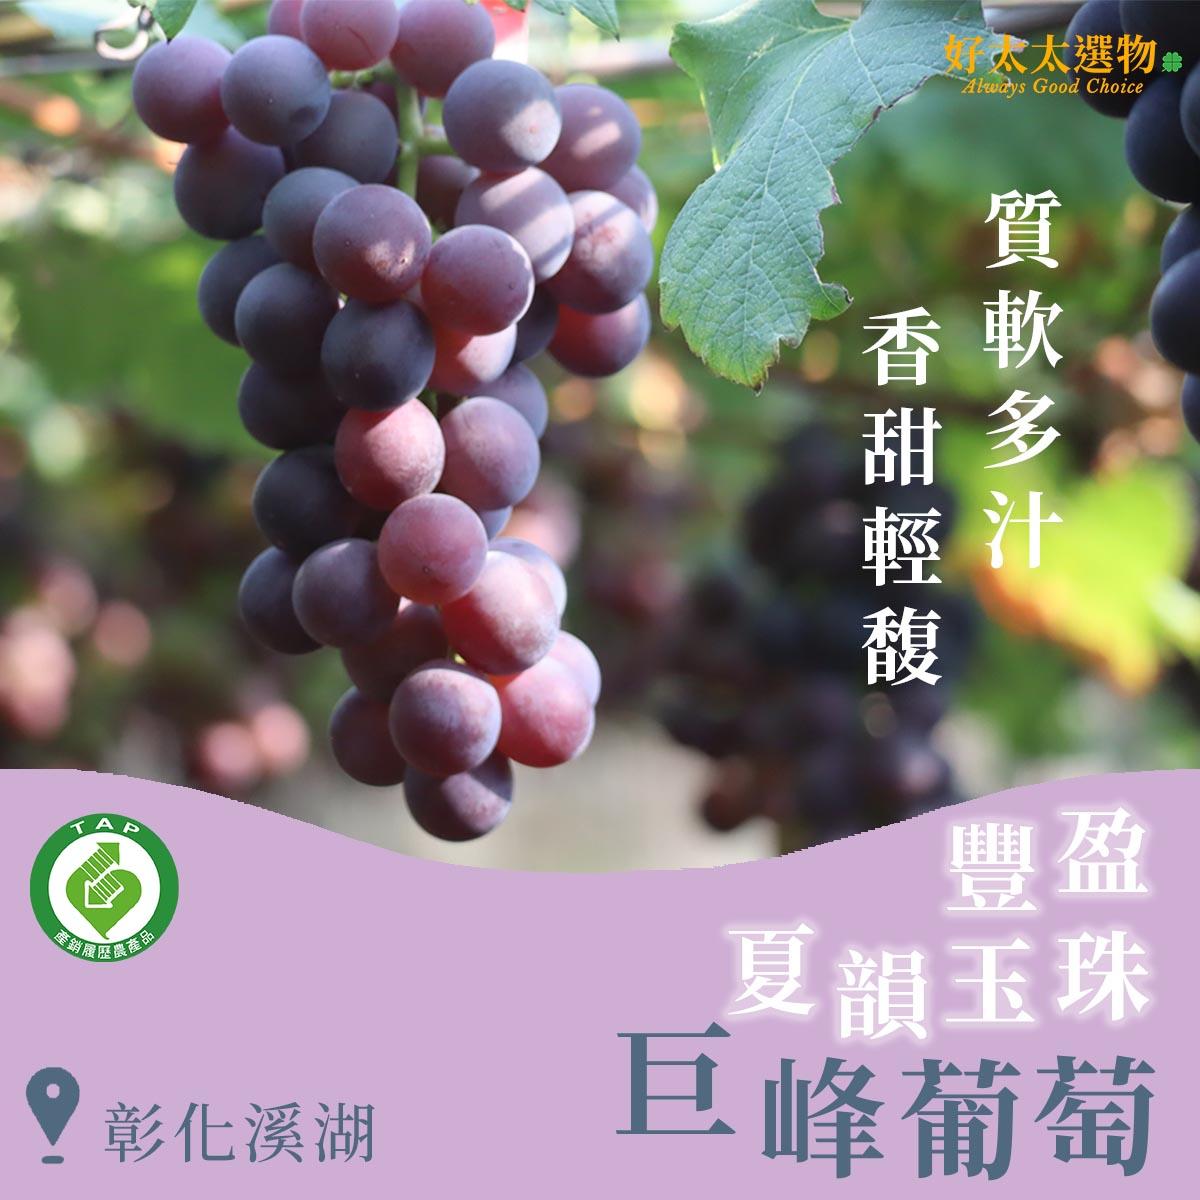 豐盈夏韻玉珠彰化溪湖巨峰葡萄